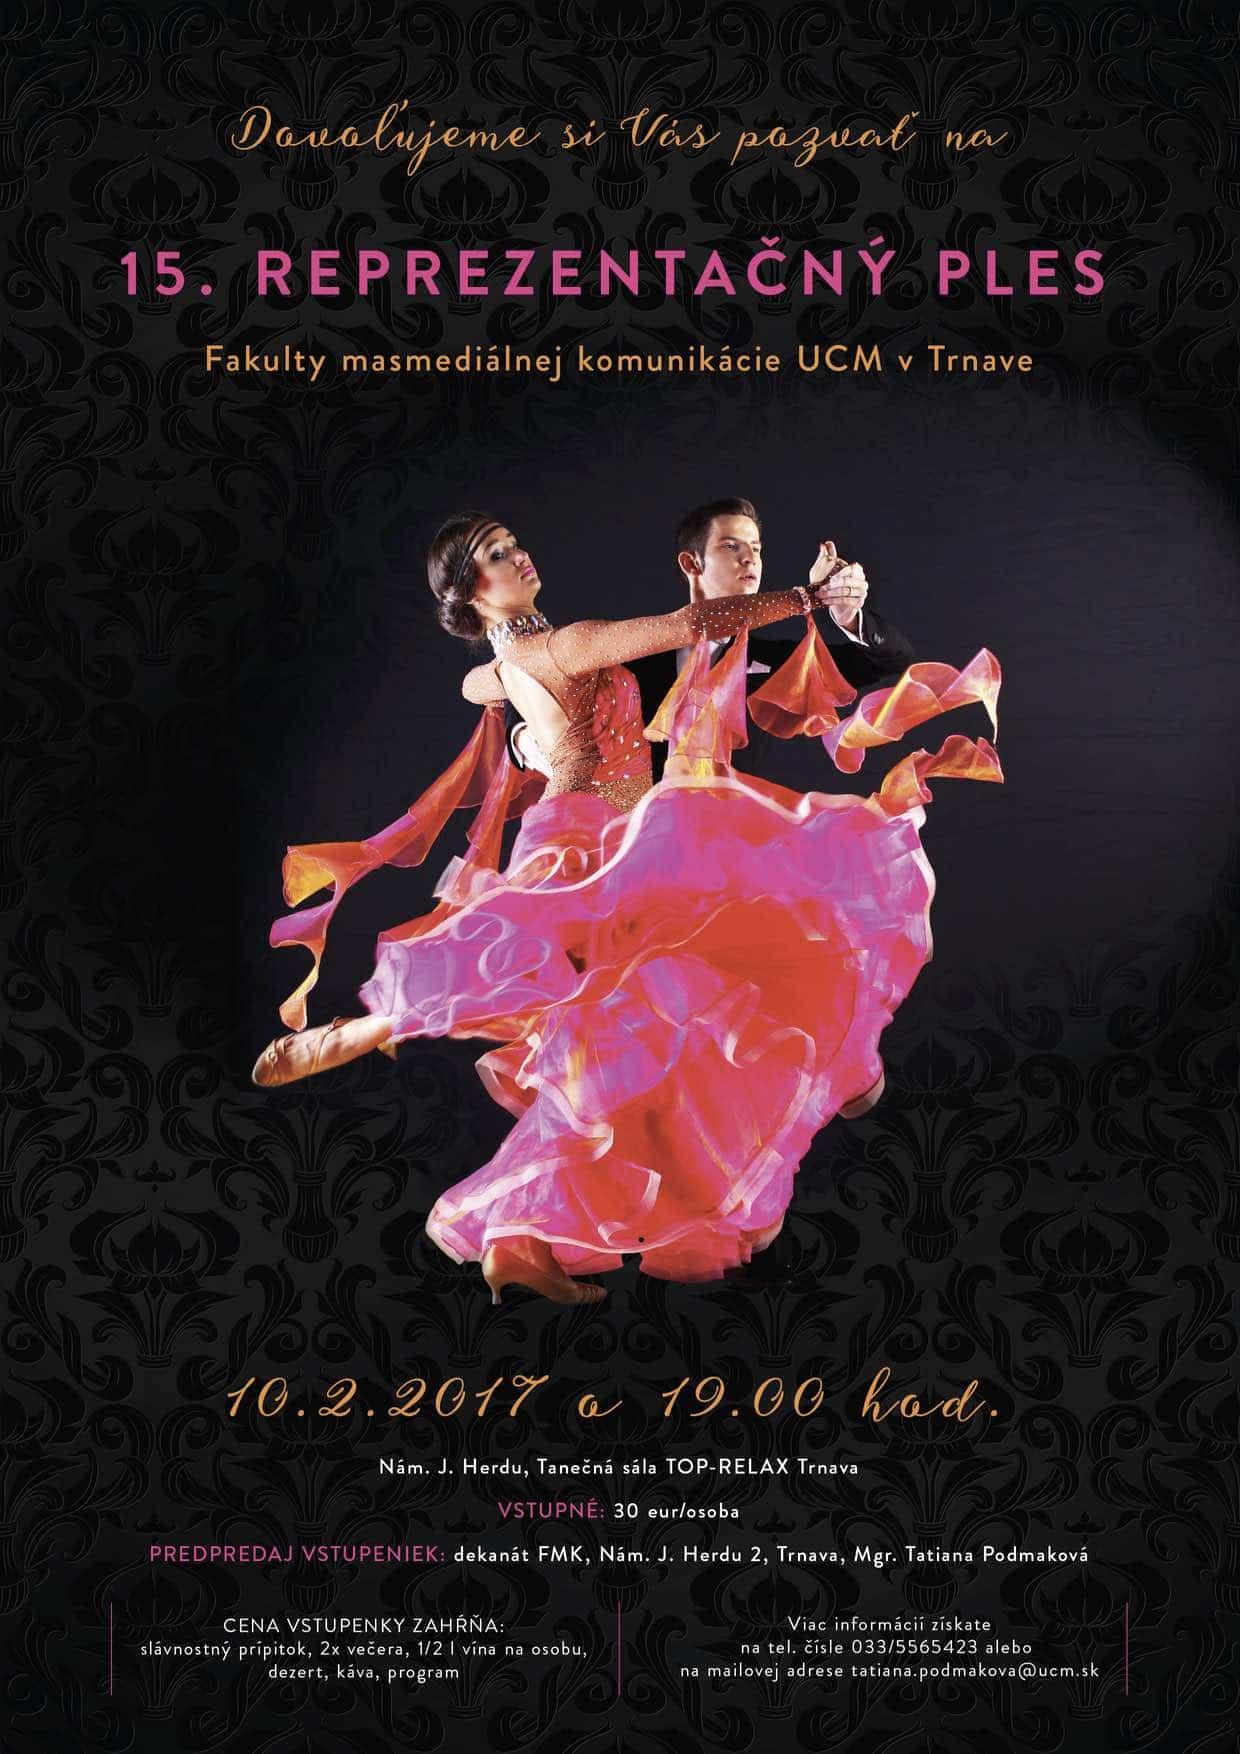 15. Reprezentačný ples FMK UCM v Trnave - plagát